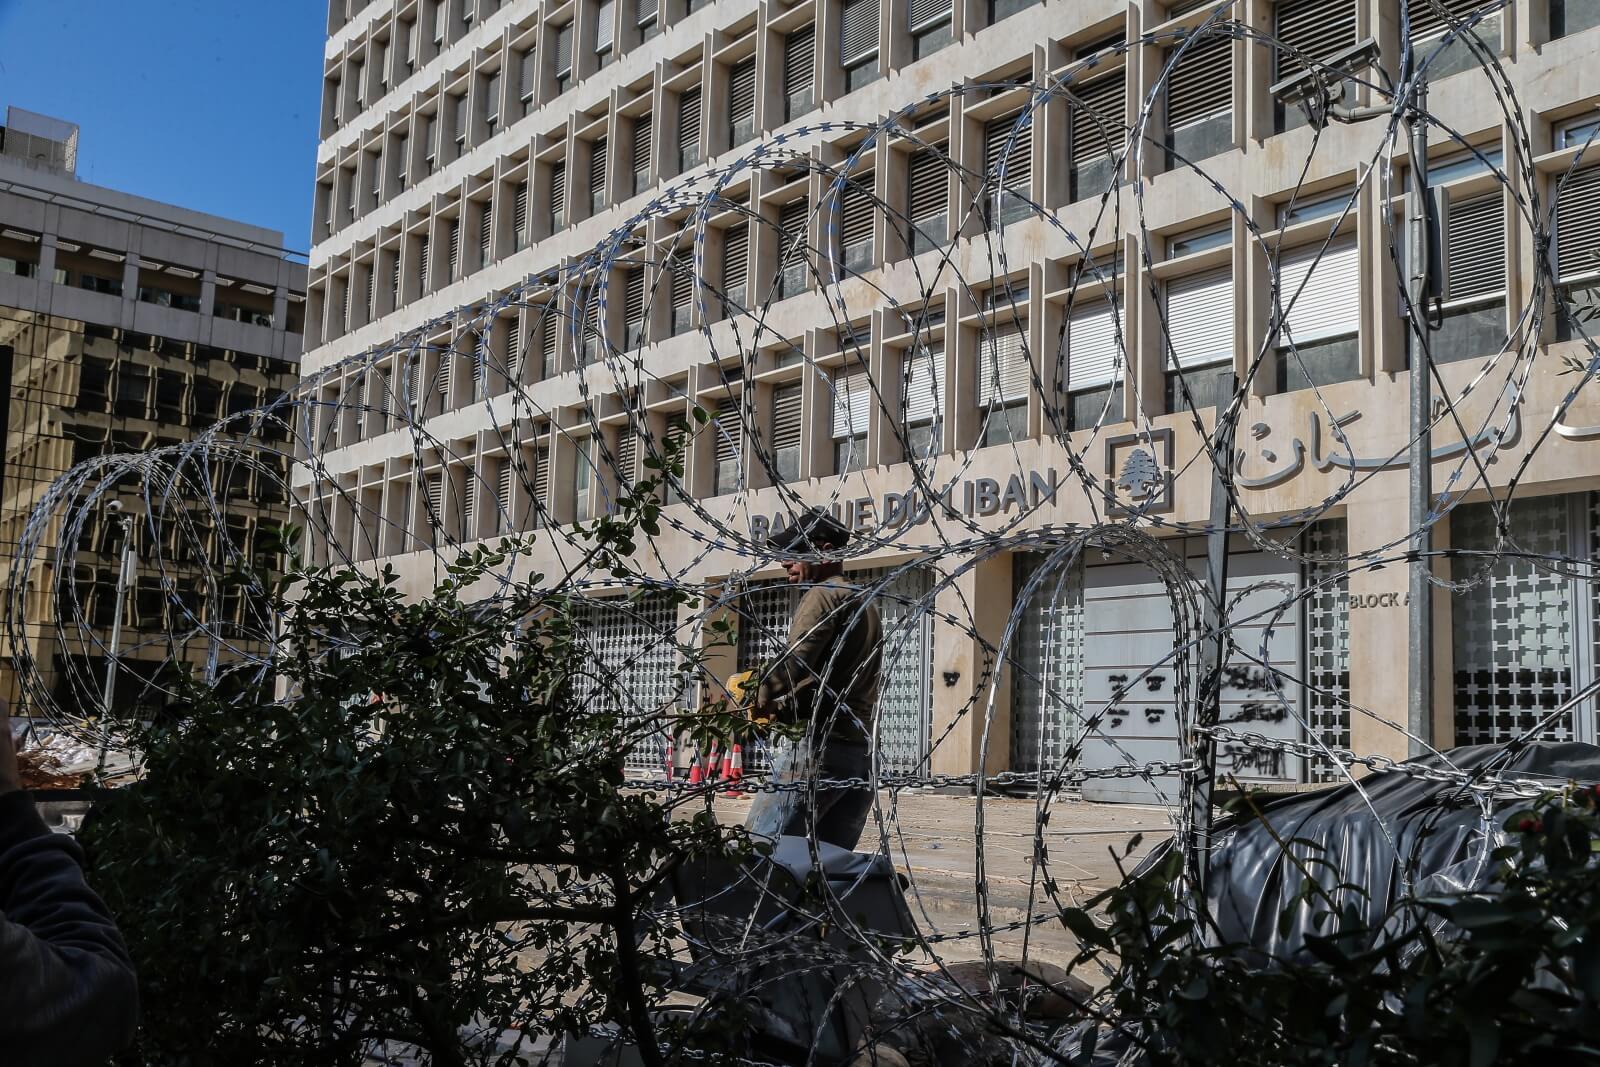 Protesty w Lebanonie ciągle trwają fot. EPA/NABIL MOUNZER